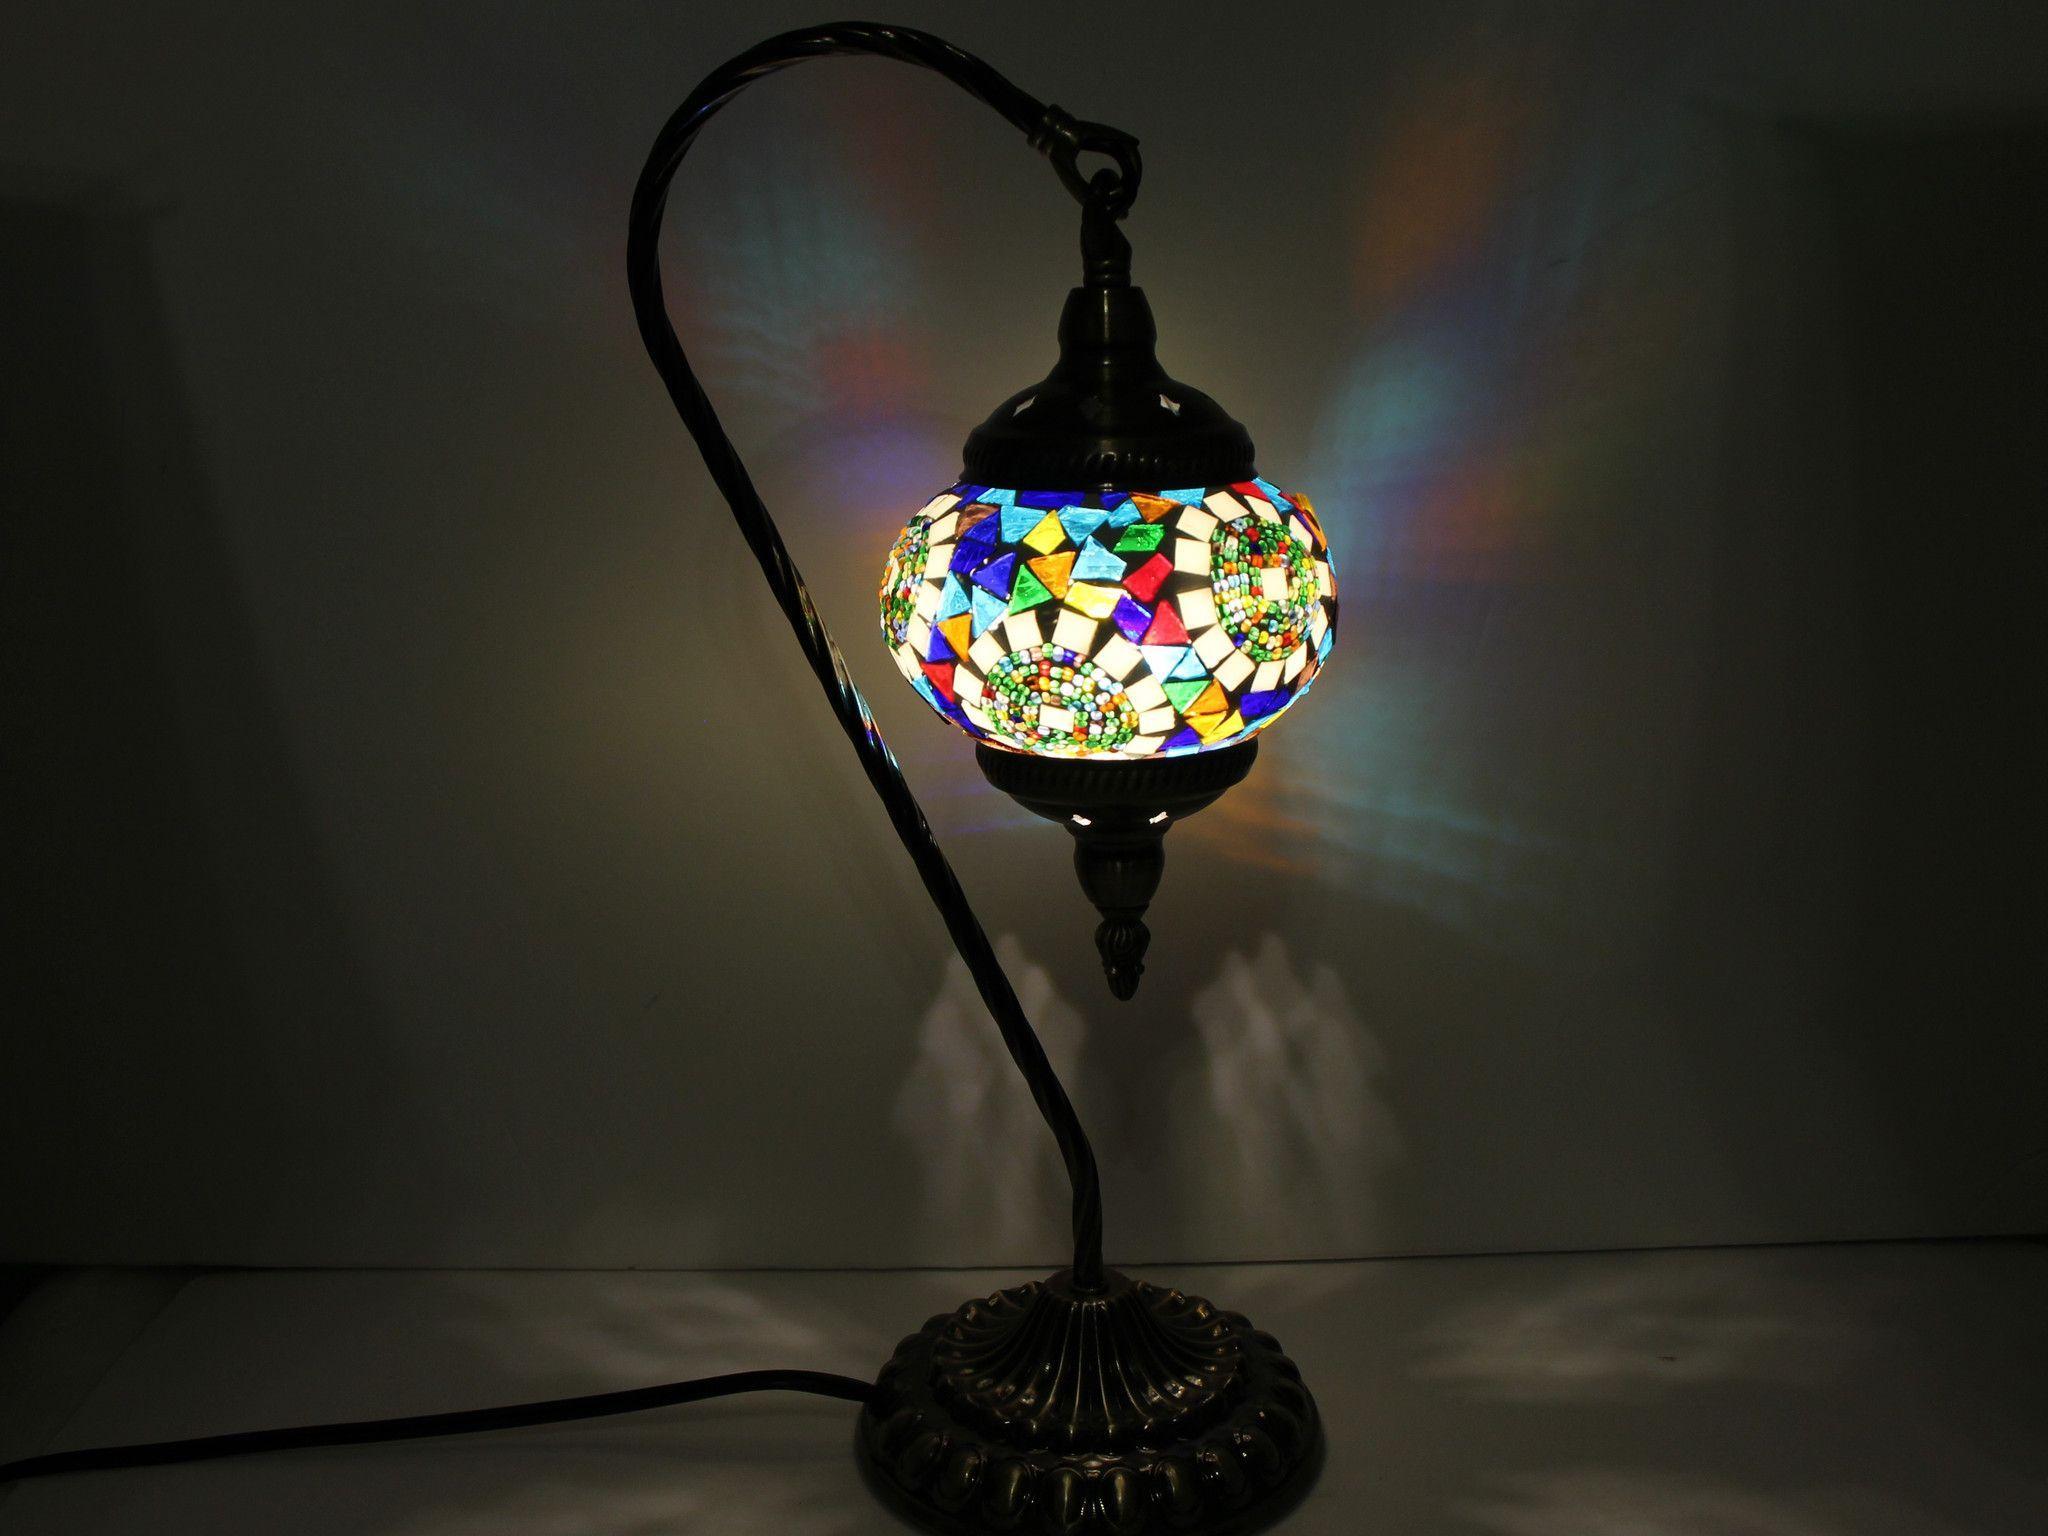 Hanging Swan Turkish Mosaic Table Lamp - ASL4